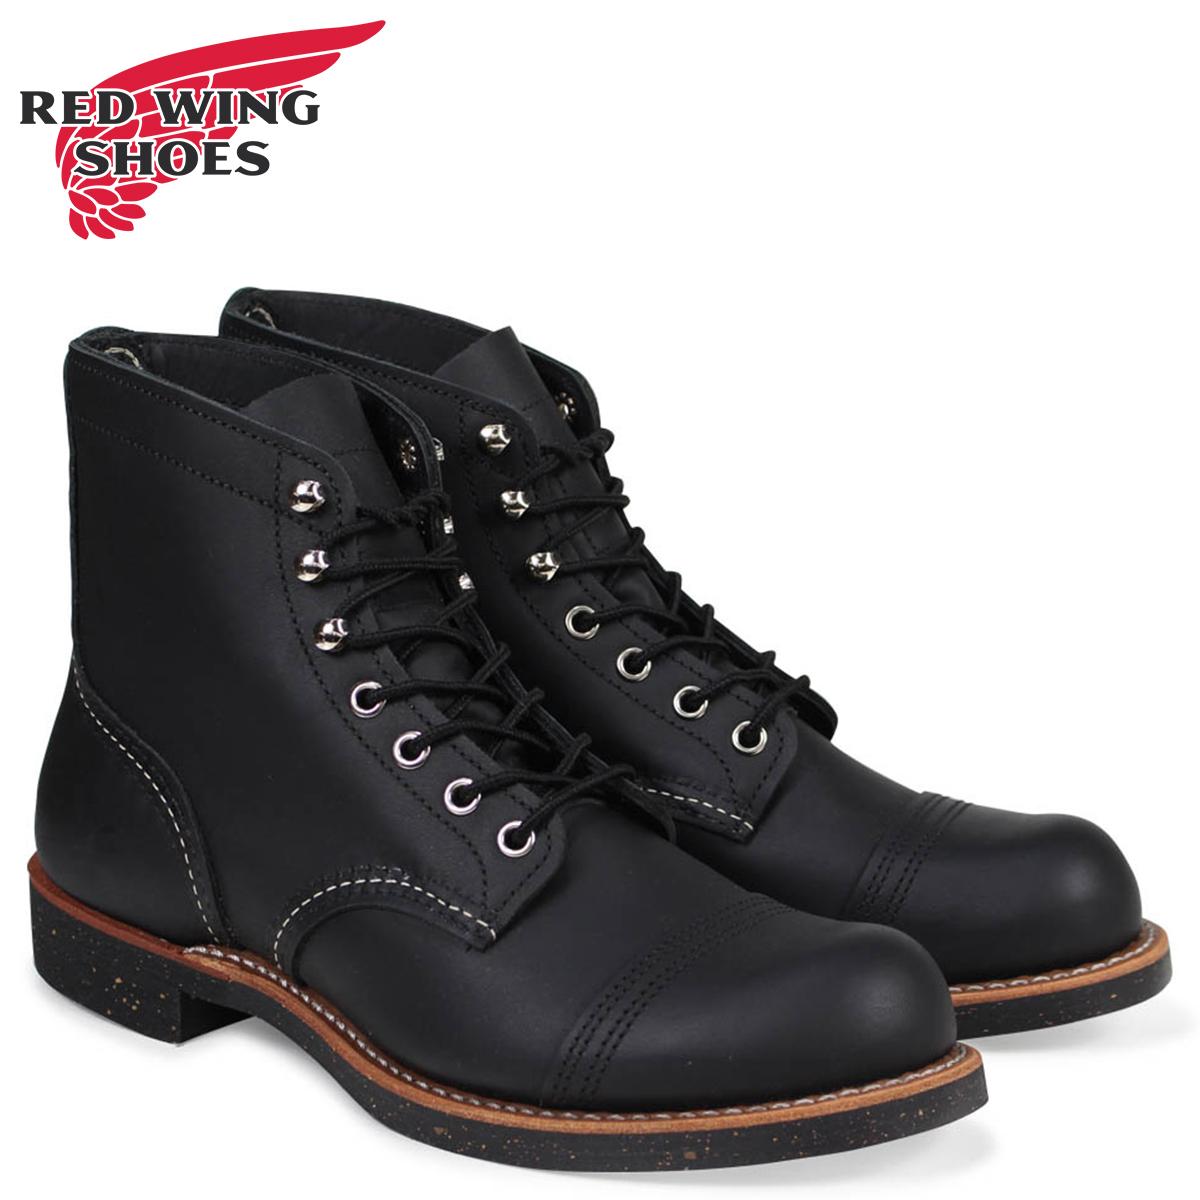 レッドウィング RED WING ブーツ アイアン レンジ 6インチ メンズ アイアンレンジャー 6INCH IRON RANGER Dワイズ ブラック 黒 8114